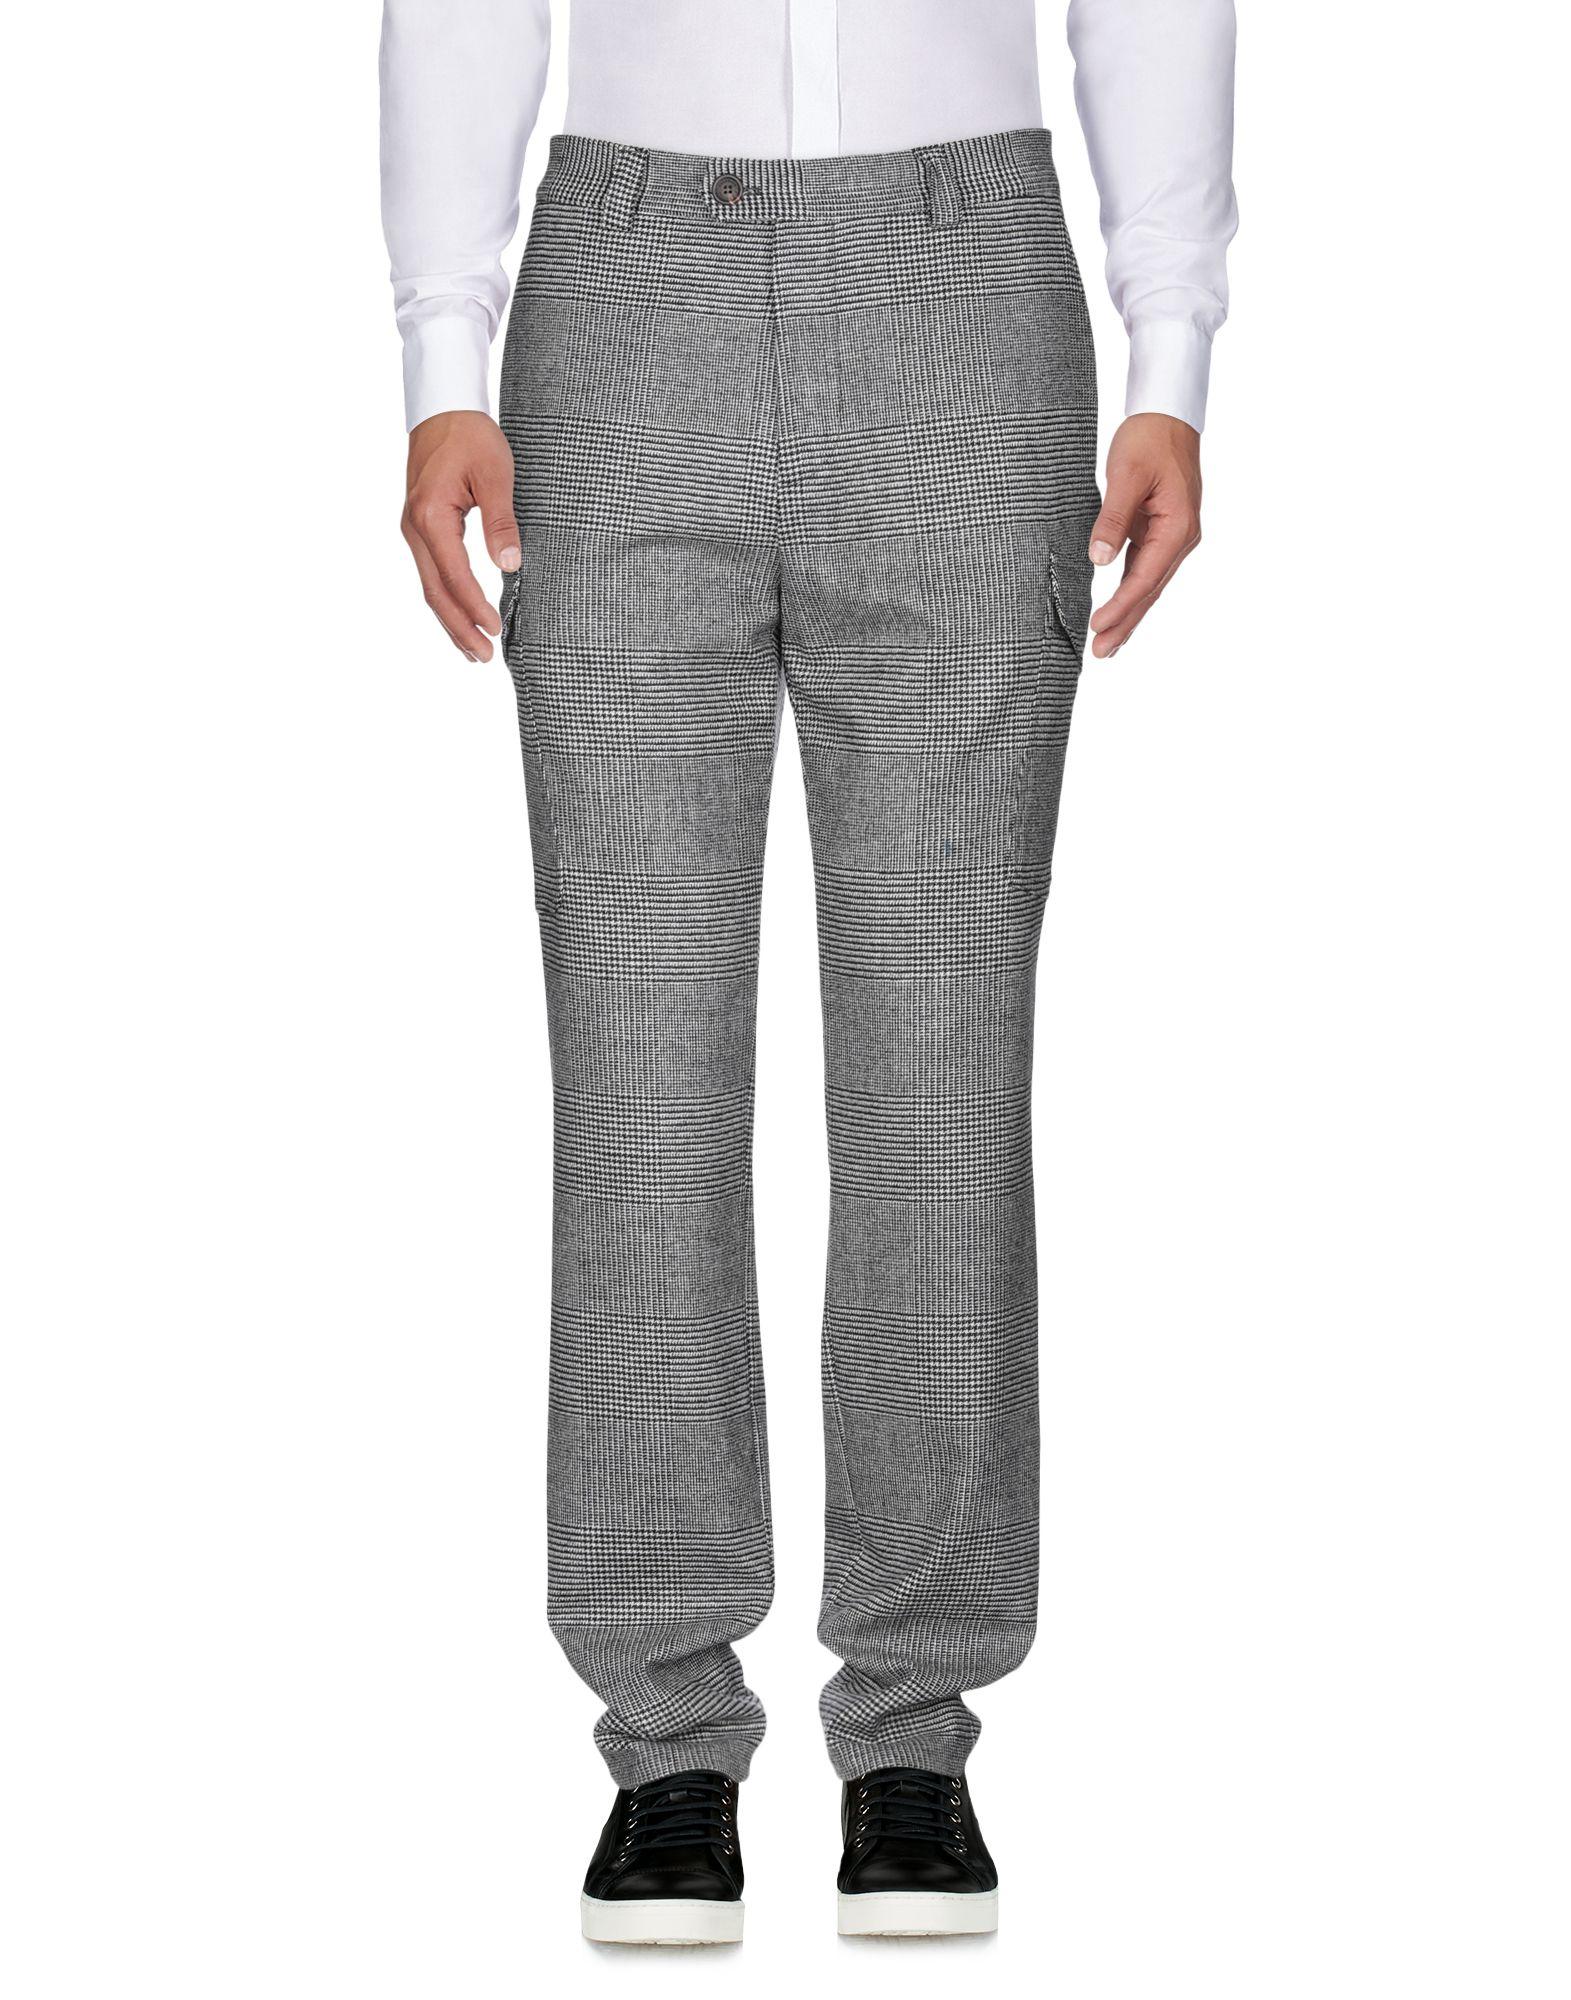 Pantalone Pantalone Pantalone Brunello Cucinelli Uomo - 13212579AL 203577